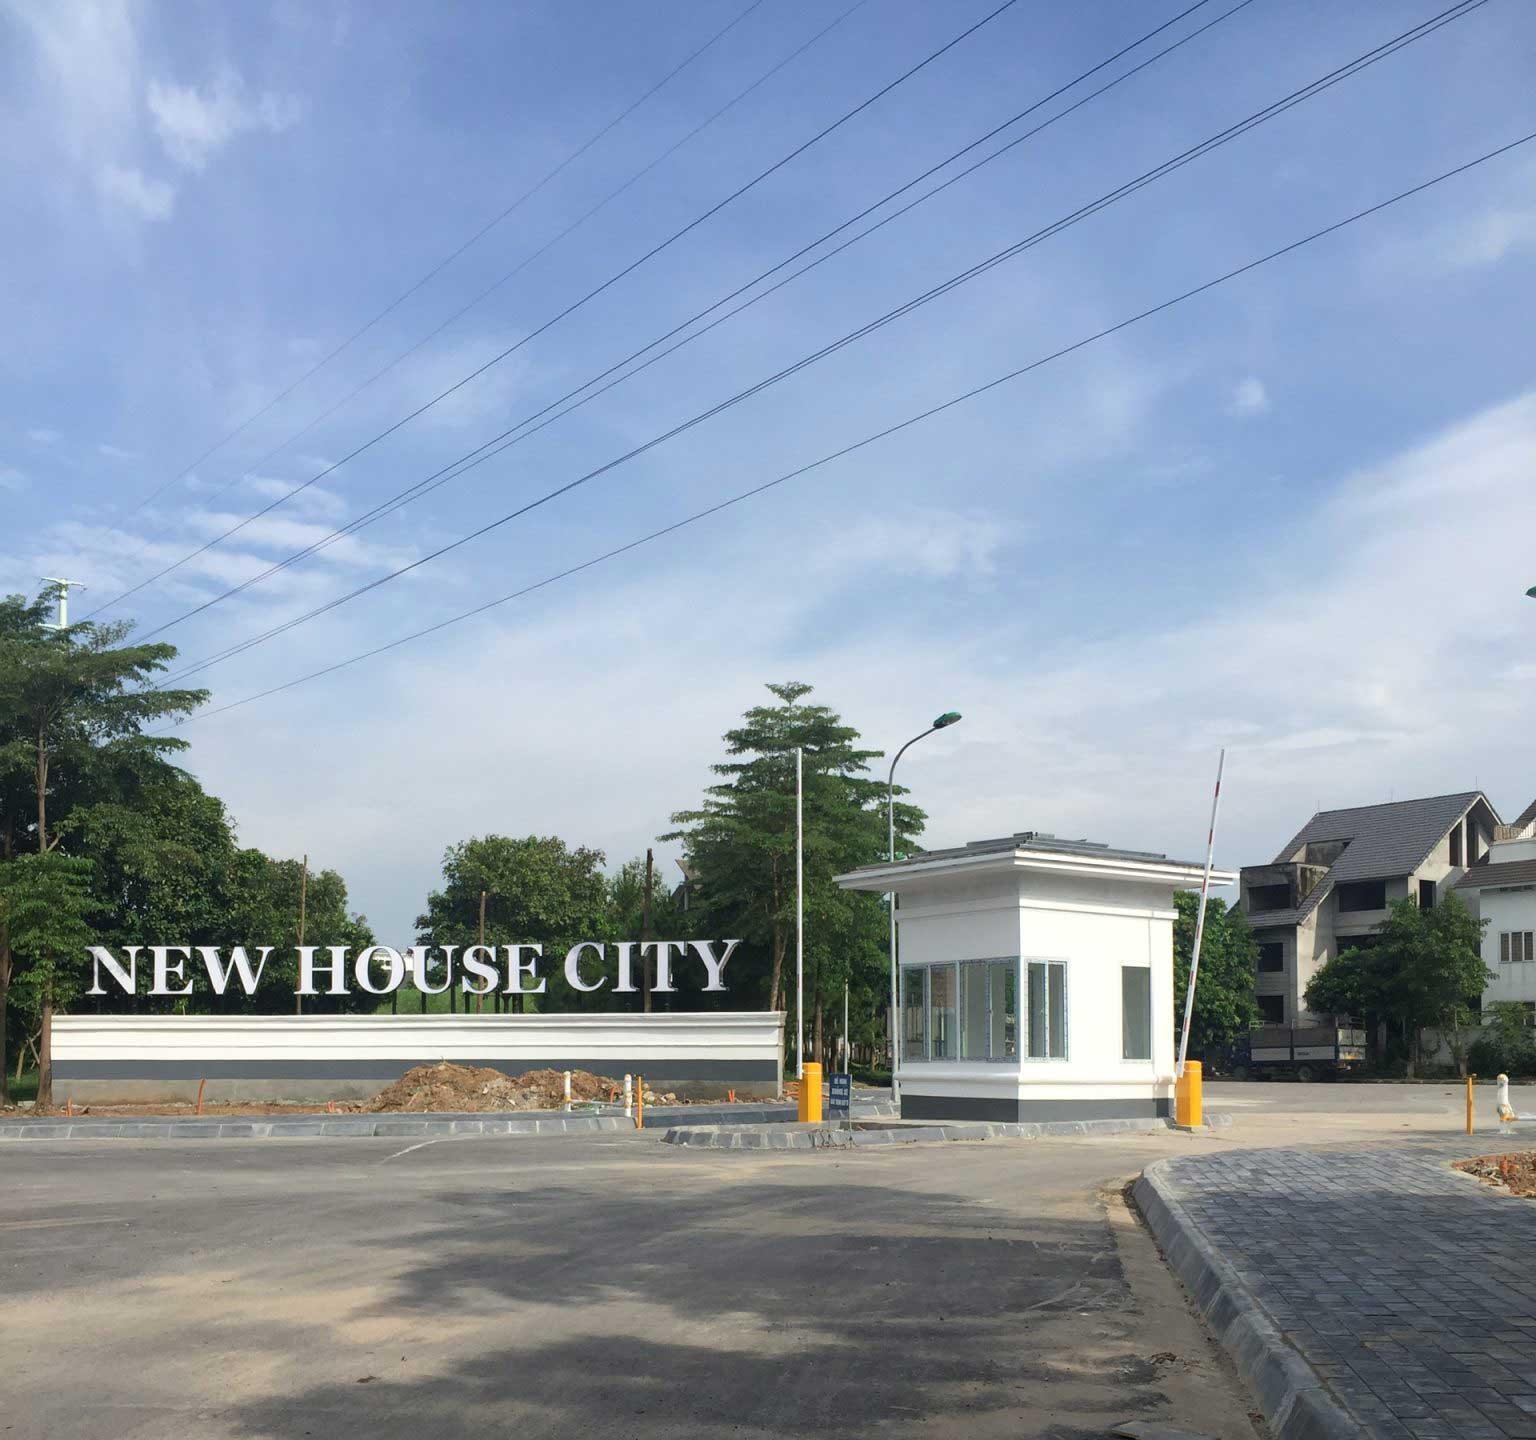 Khu đô thị Ngôi Nhà Mới - New House City